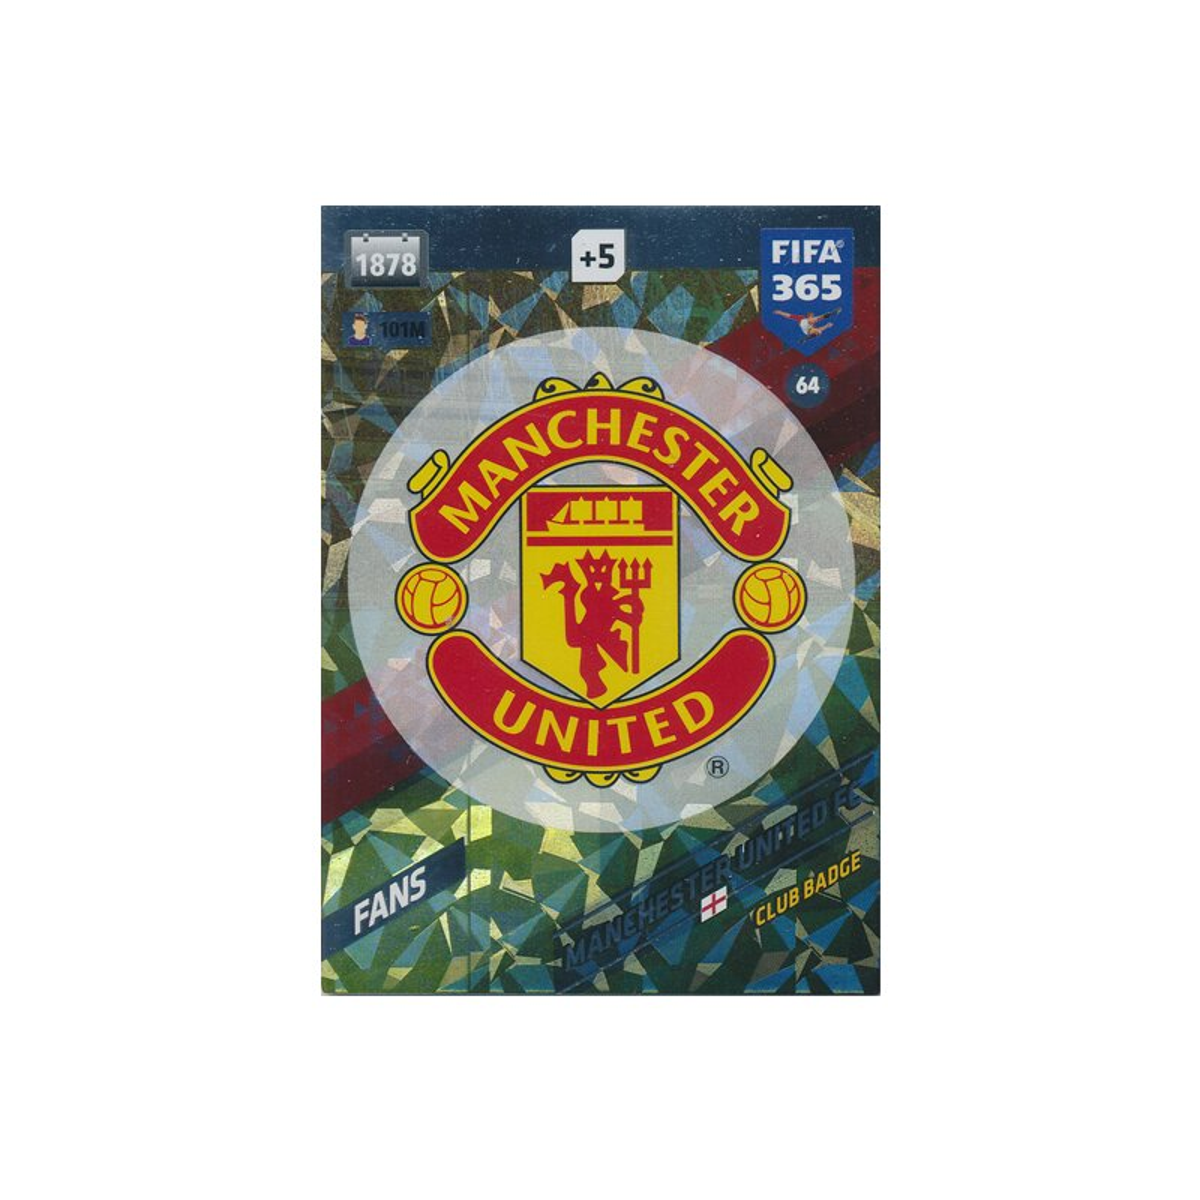 fifa 365 cards 2018 064 manchester united fc badge manchester u. Black Bedroom Furniture Sets. Home Design Ideas